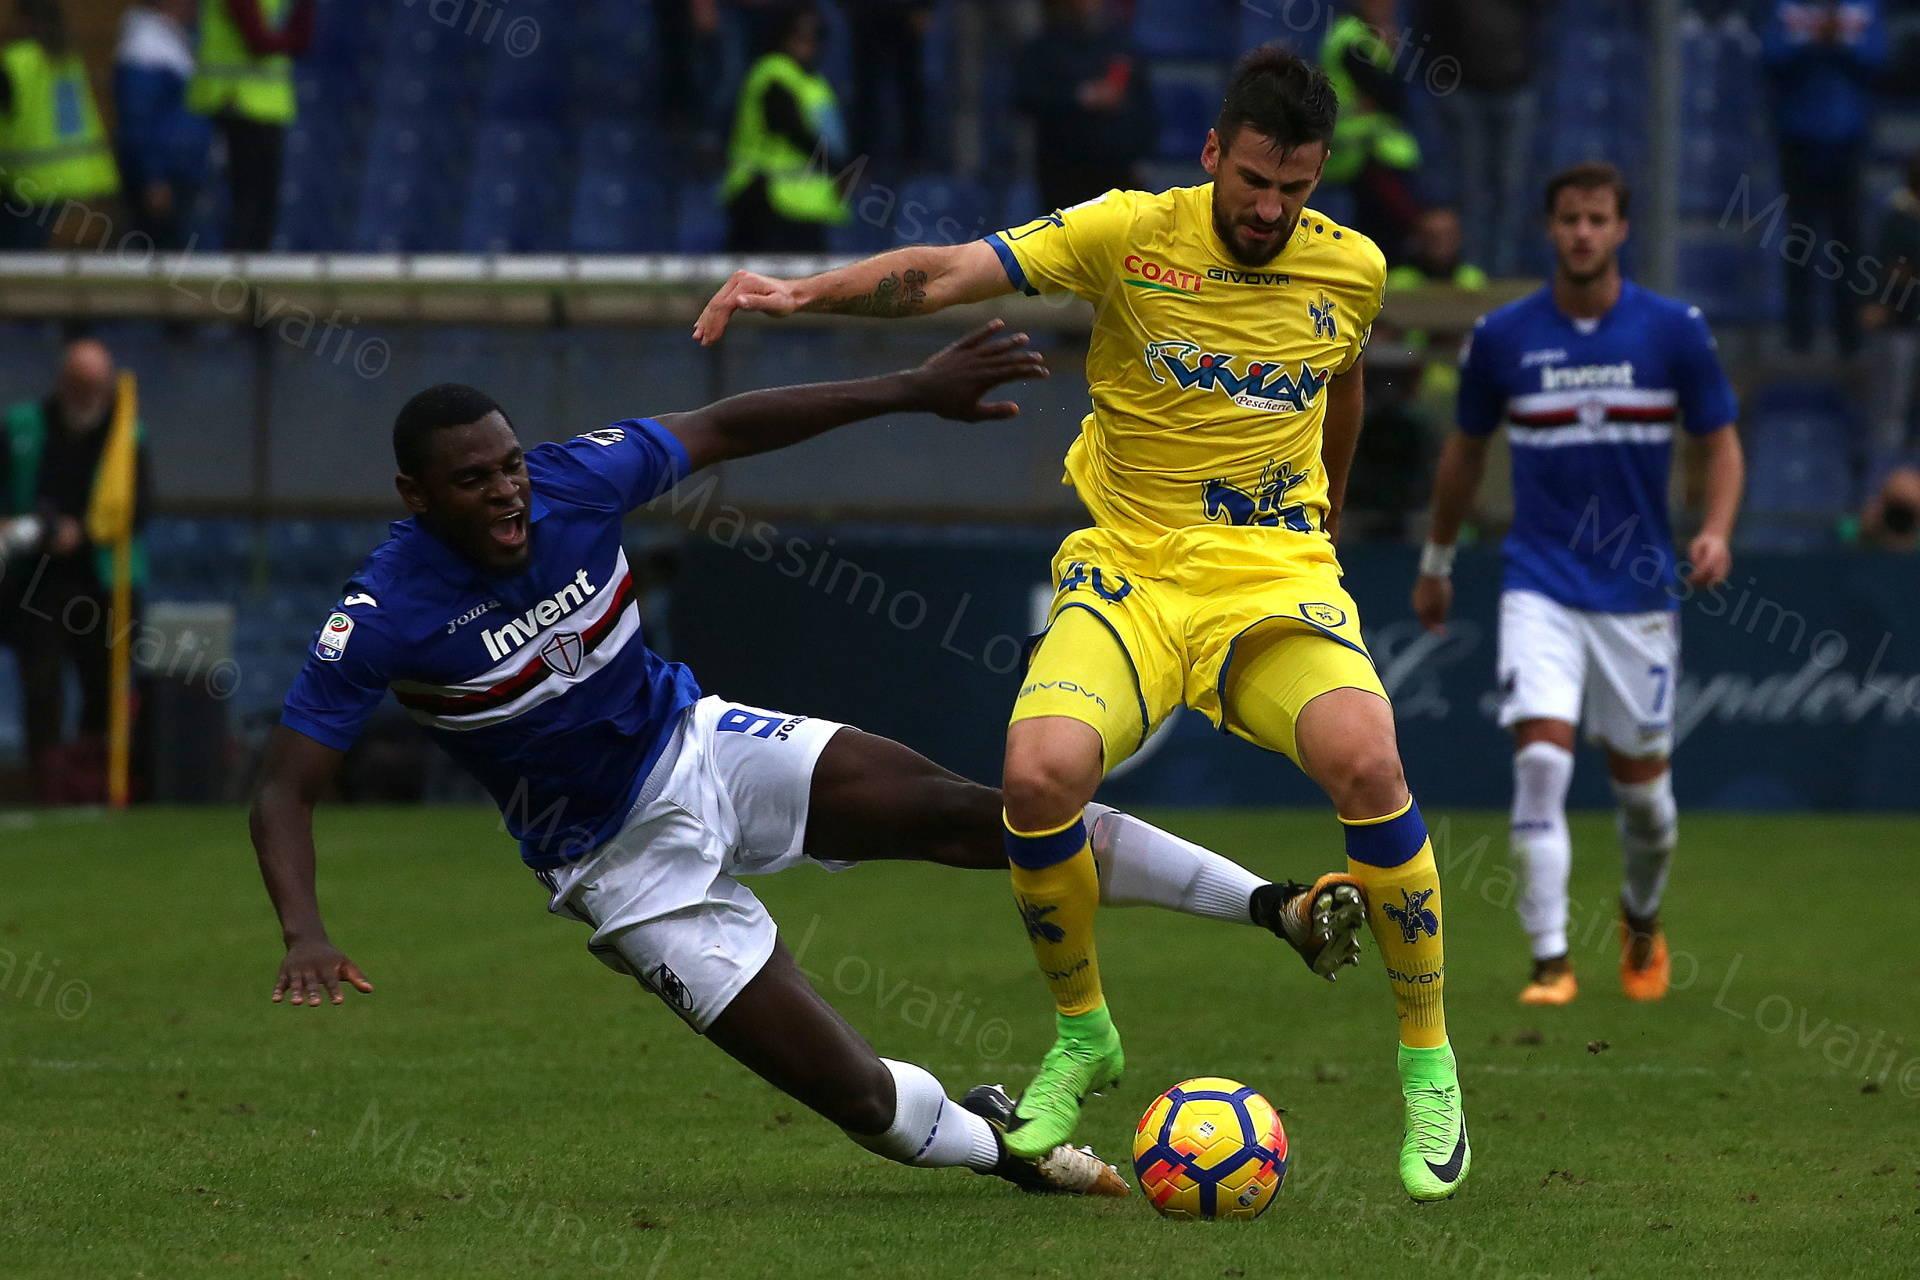 29/10/2017, Genova Campionato di calcio Serie A, Sampdoria - Chievo,nella foto  Tomovic su Zapata